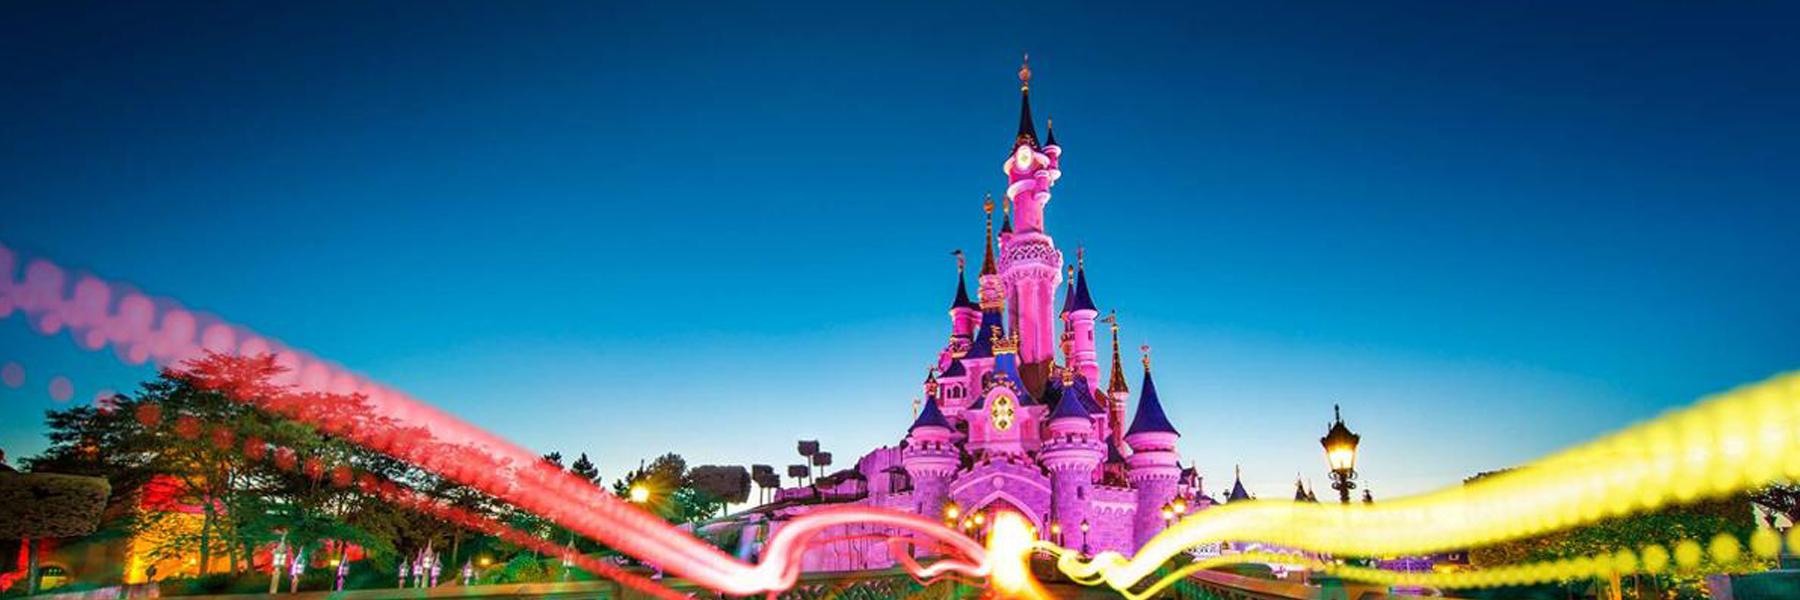 Tu viaje a Disneyland Paris: disfruta de la magia con una reserva totalmente flexible